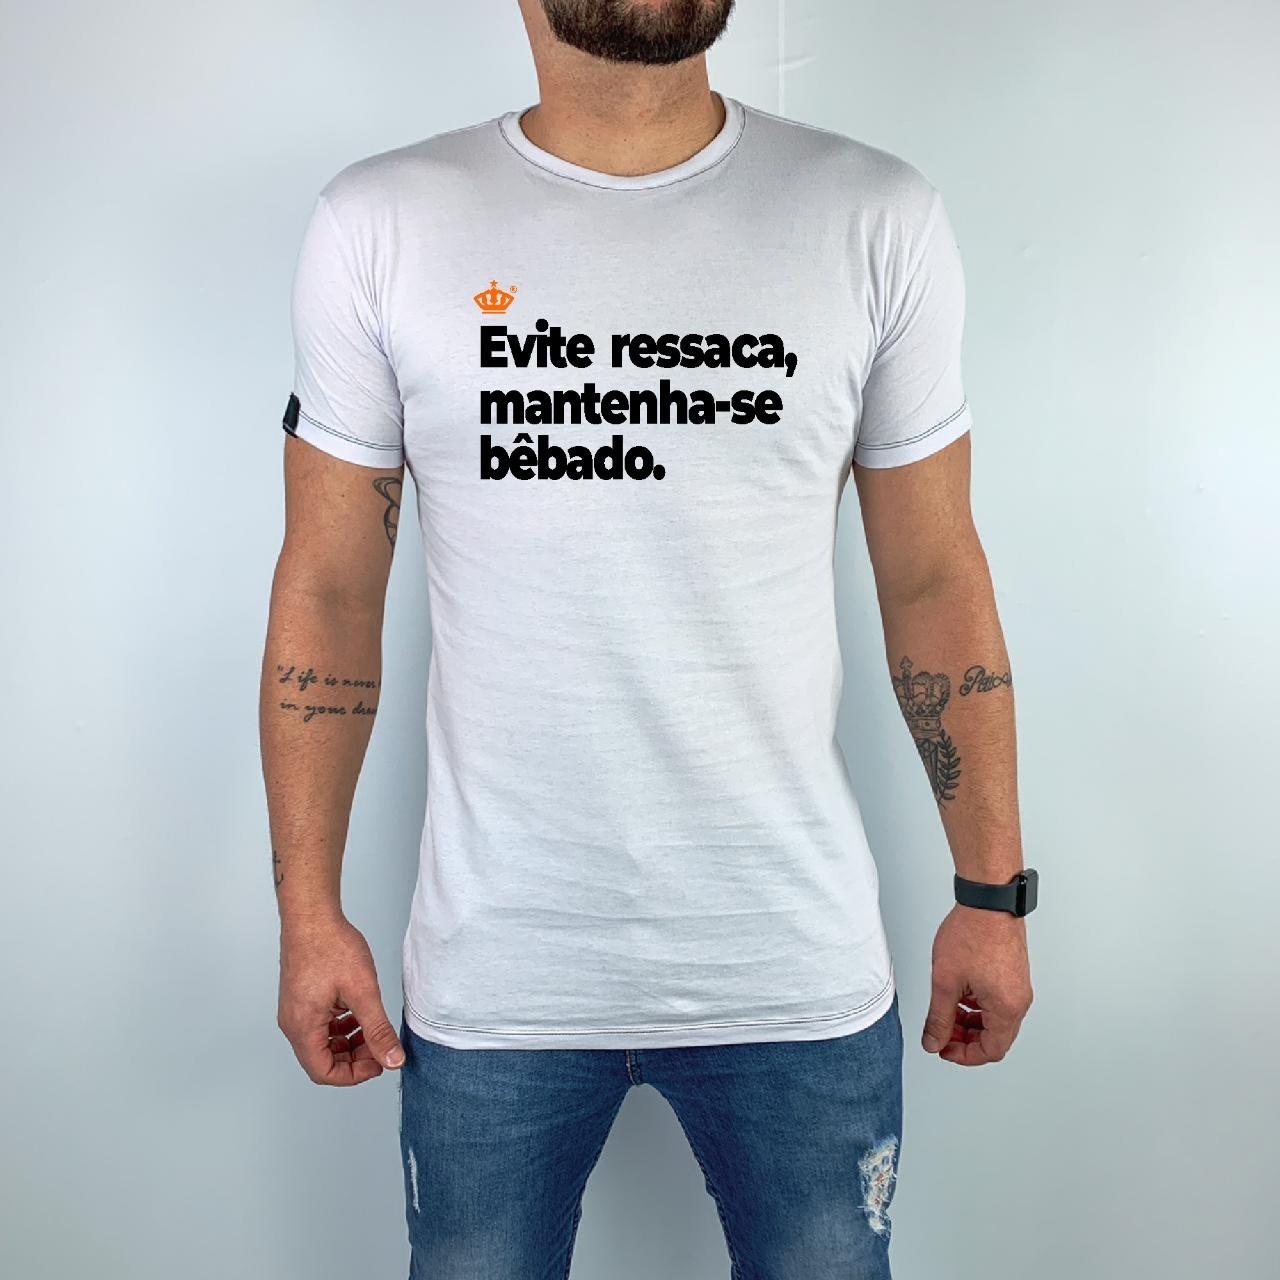 Camiseta Evite ressaca, mantenha-se bêbado